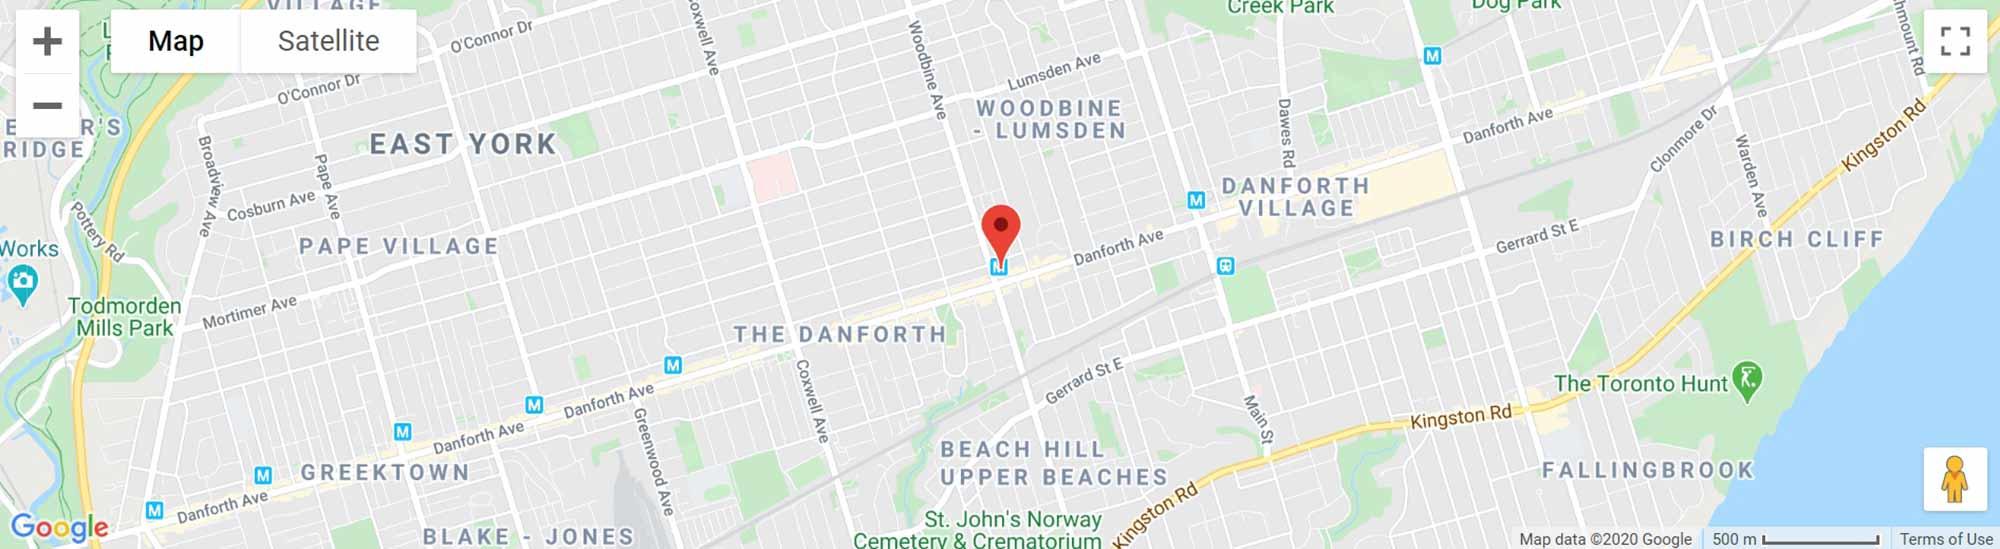 985 Woodbine Avenue Condos map